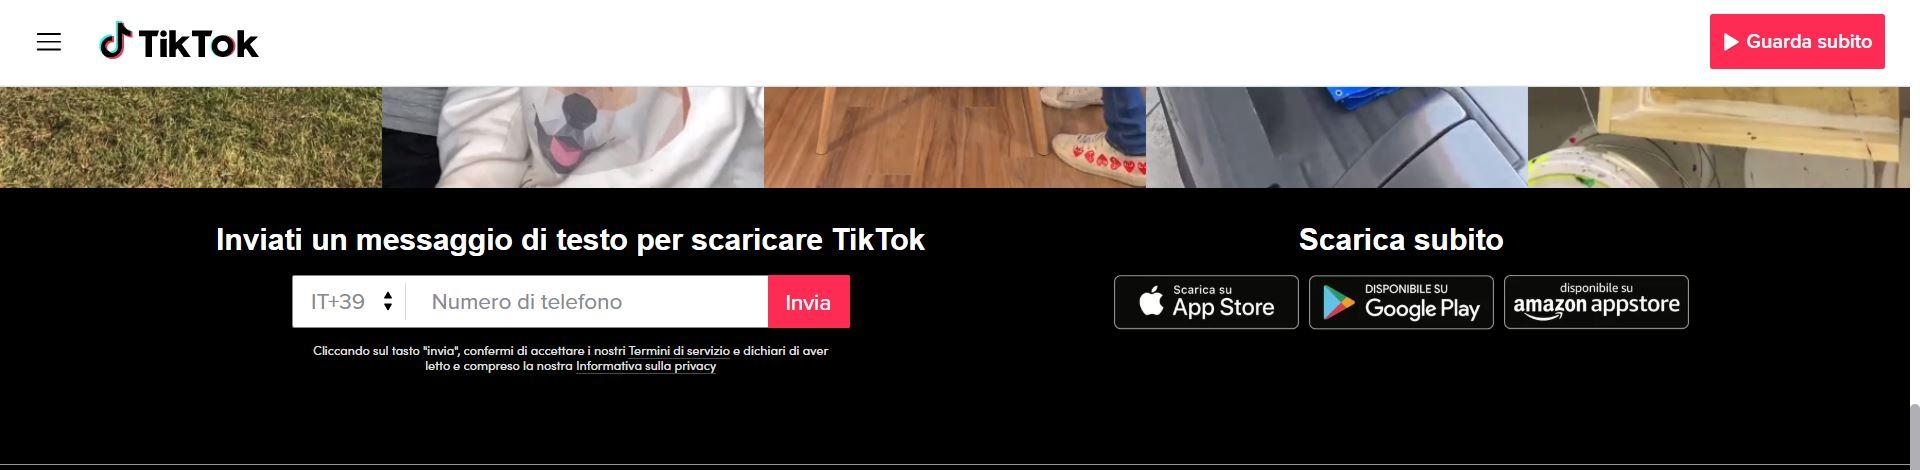 Scoperte vulnerabilità in TikTok, l'app più utilizzata dai giovani 1